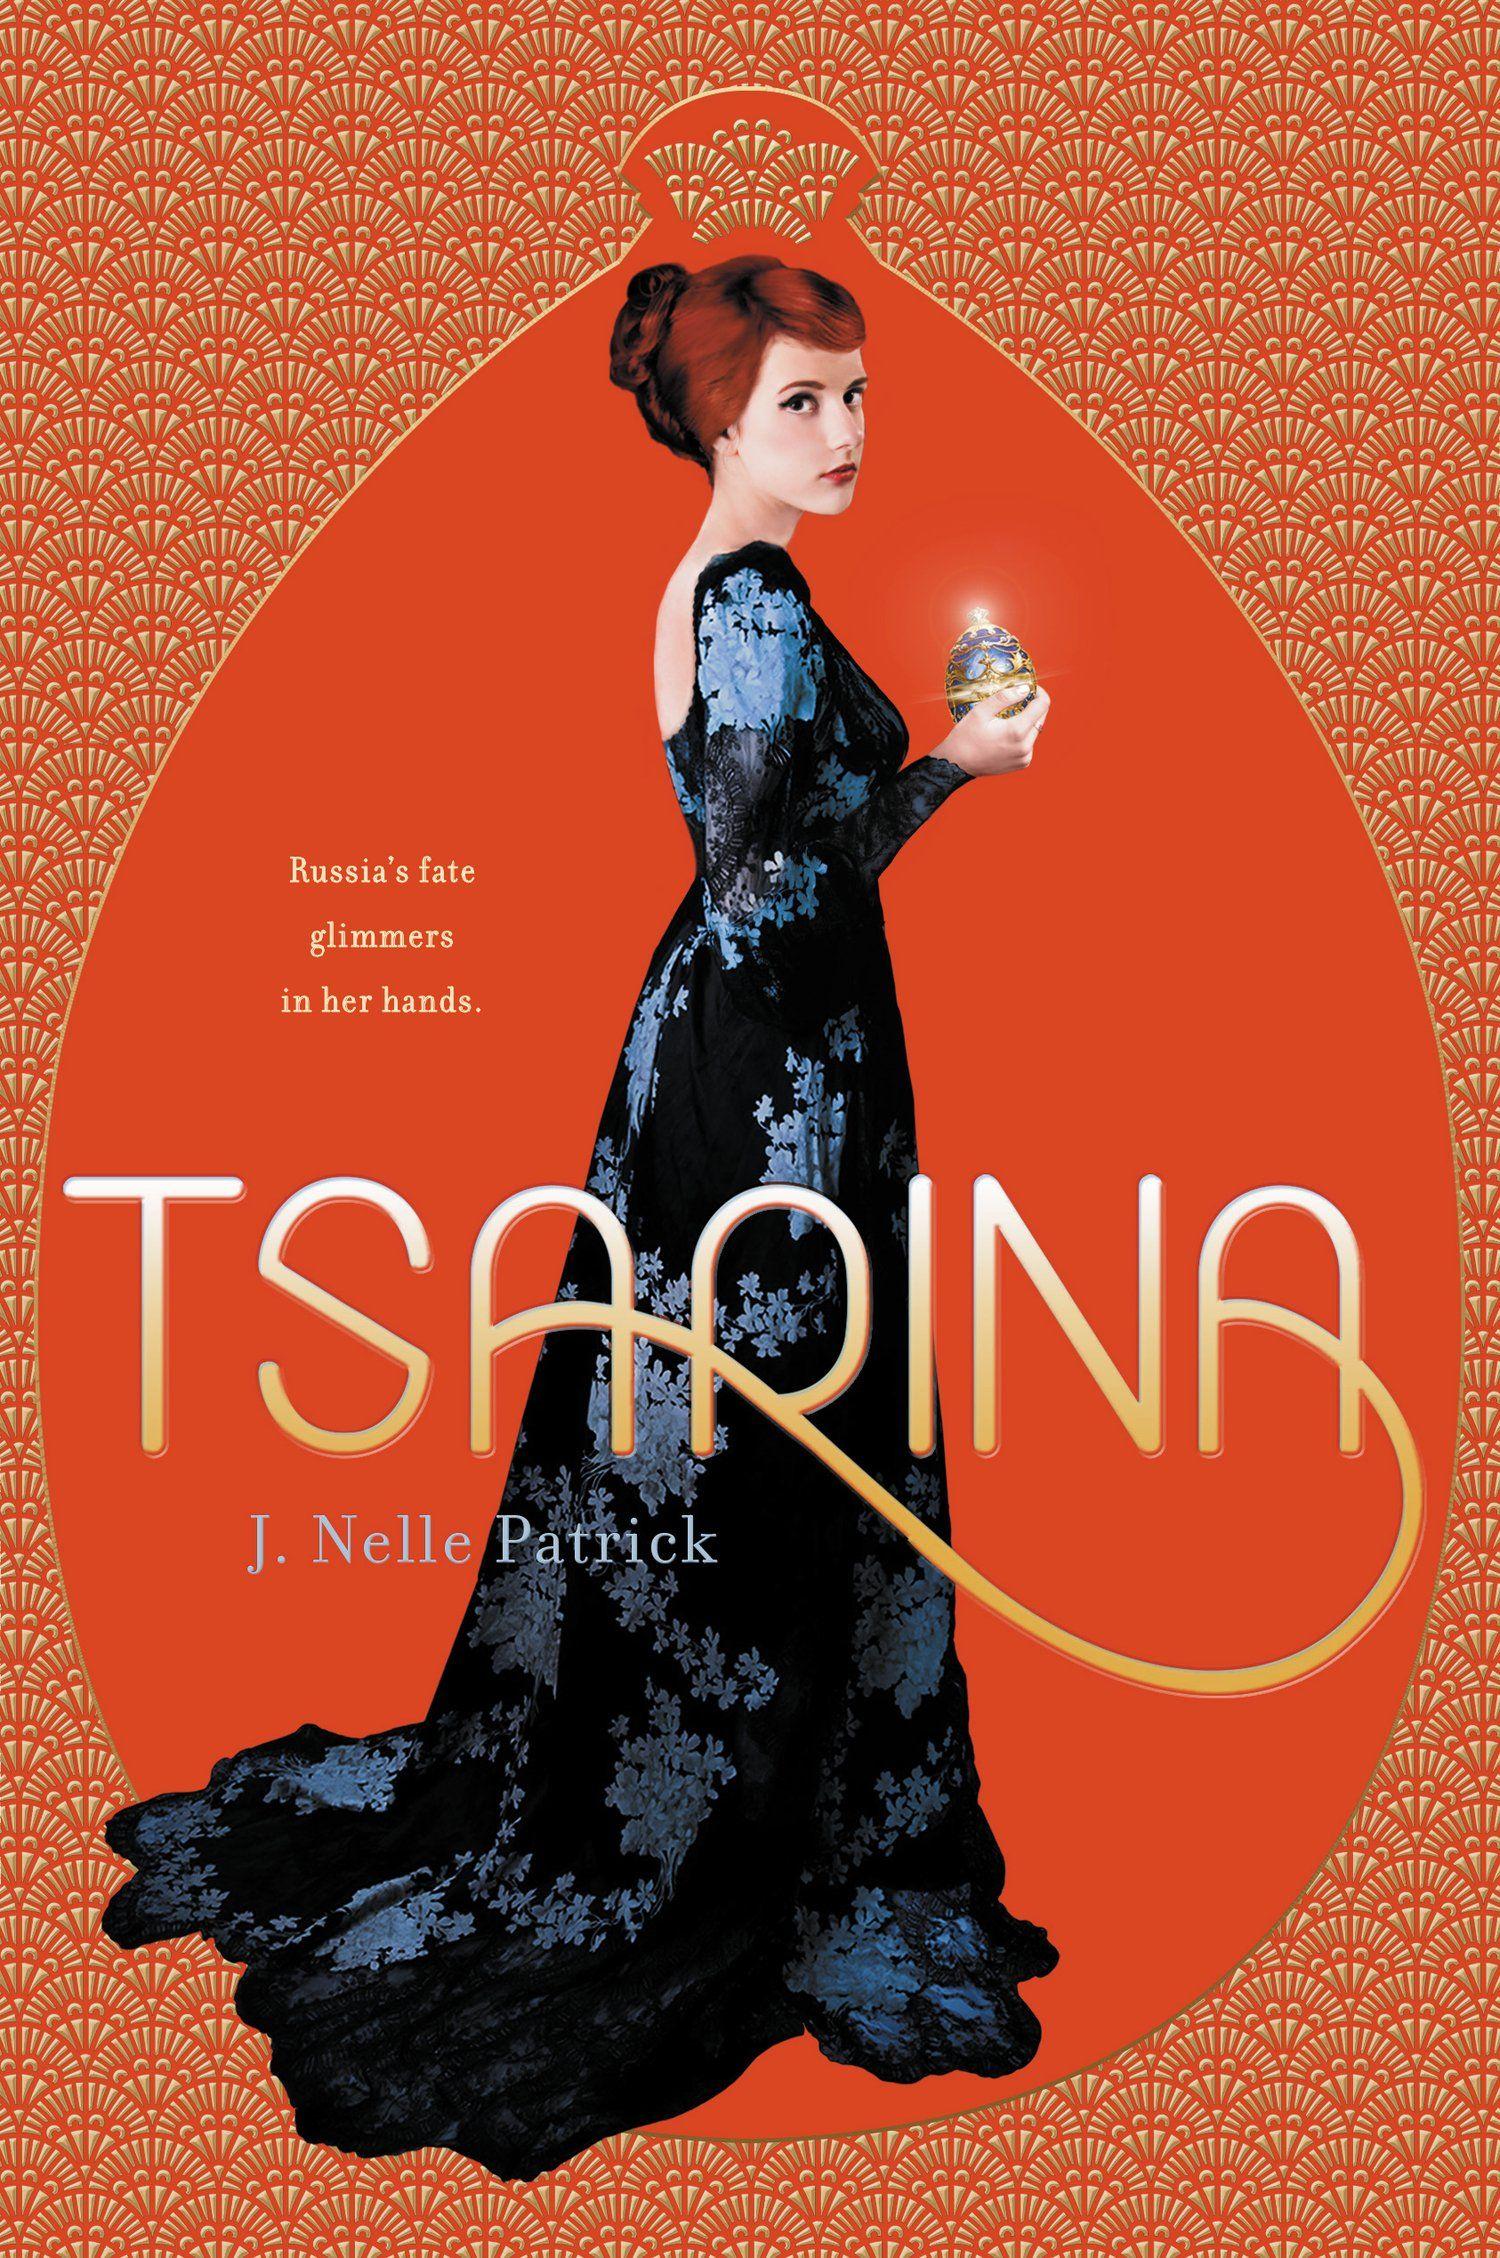 Image result for tsarina nelle j patrick